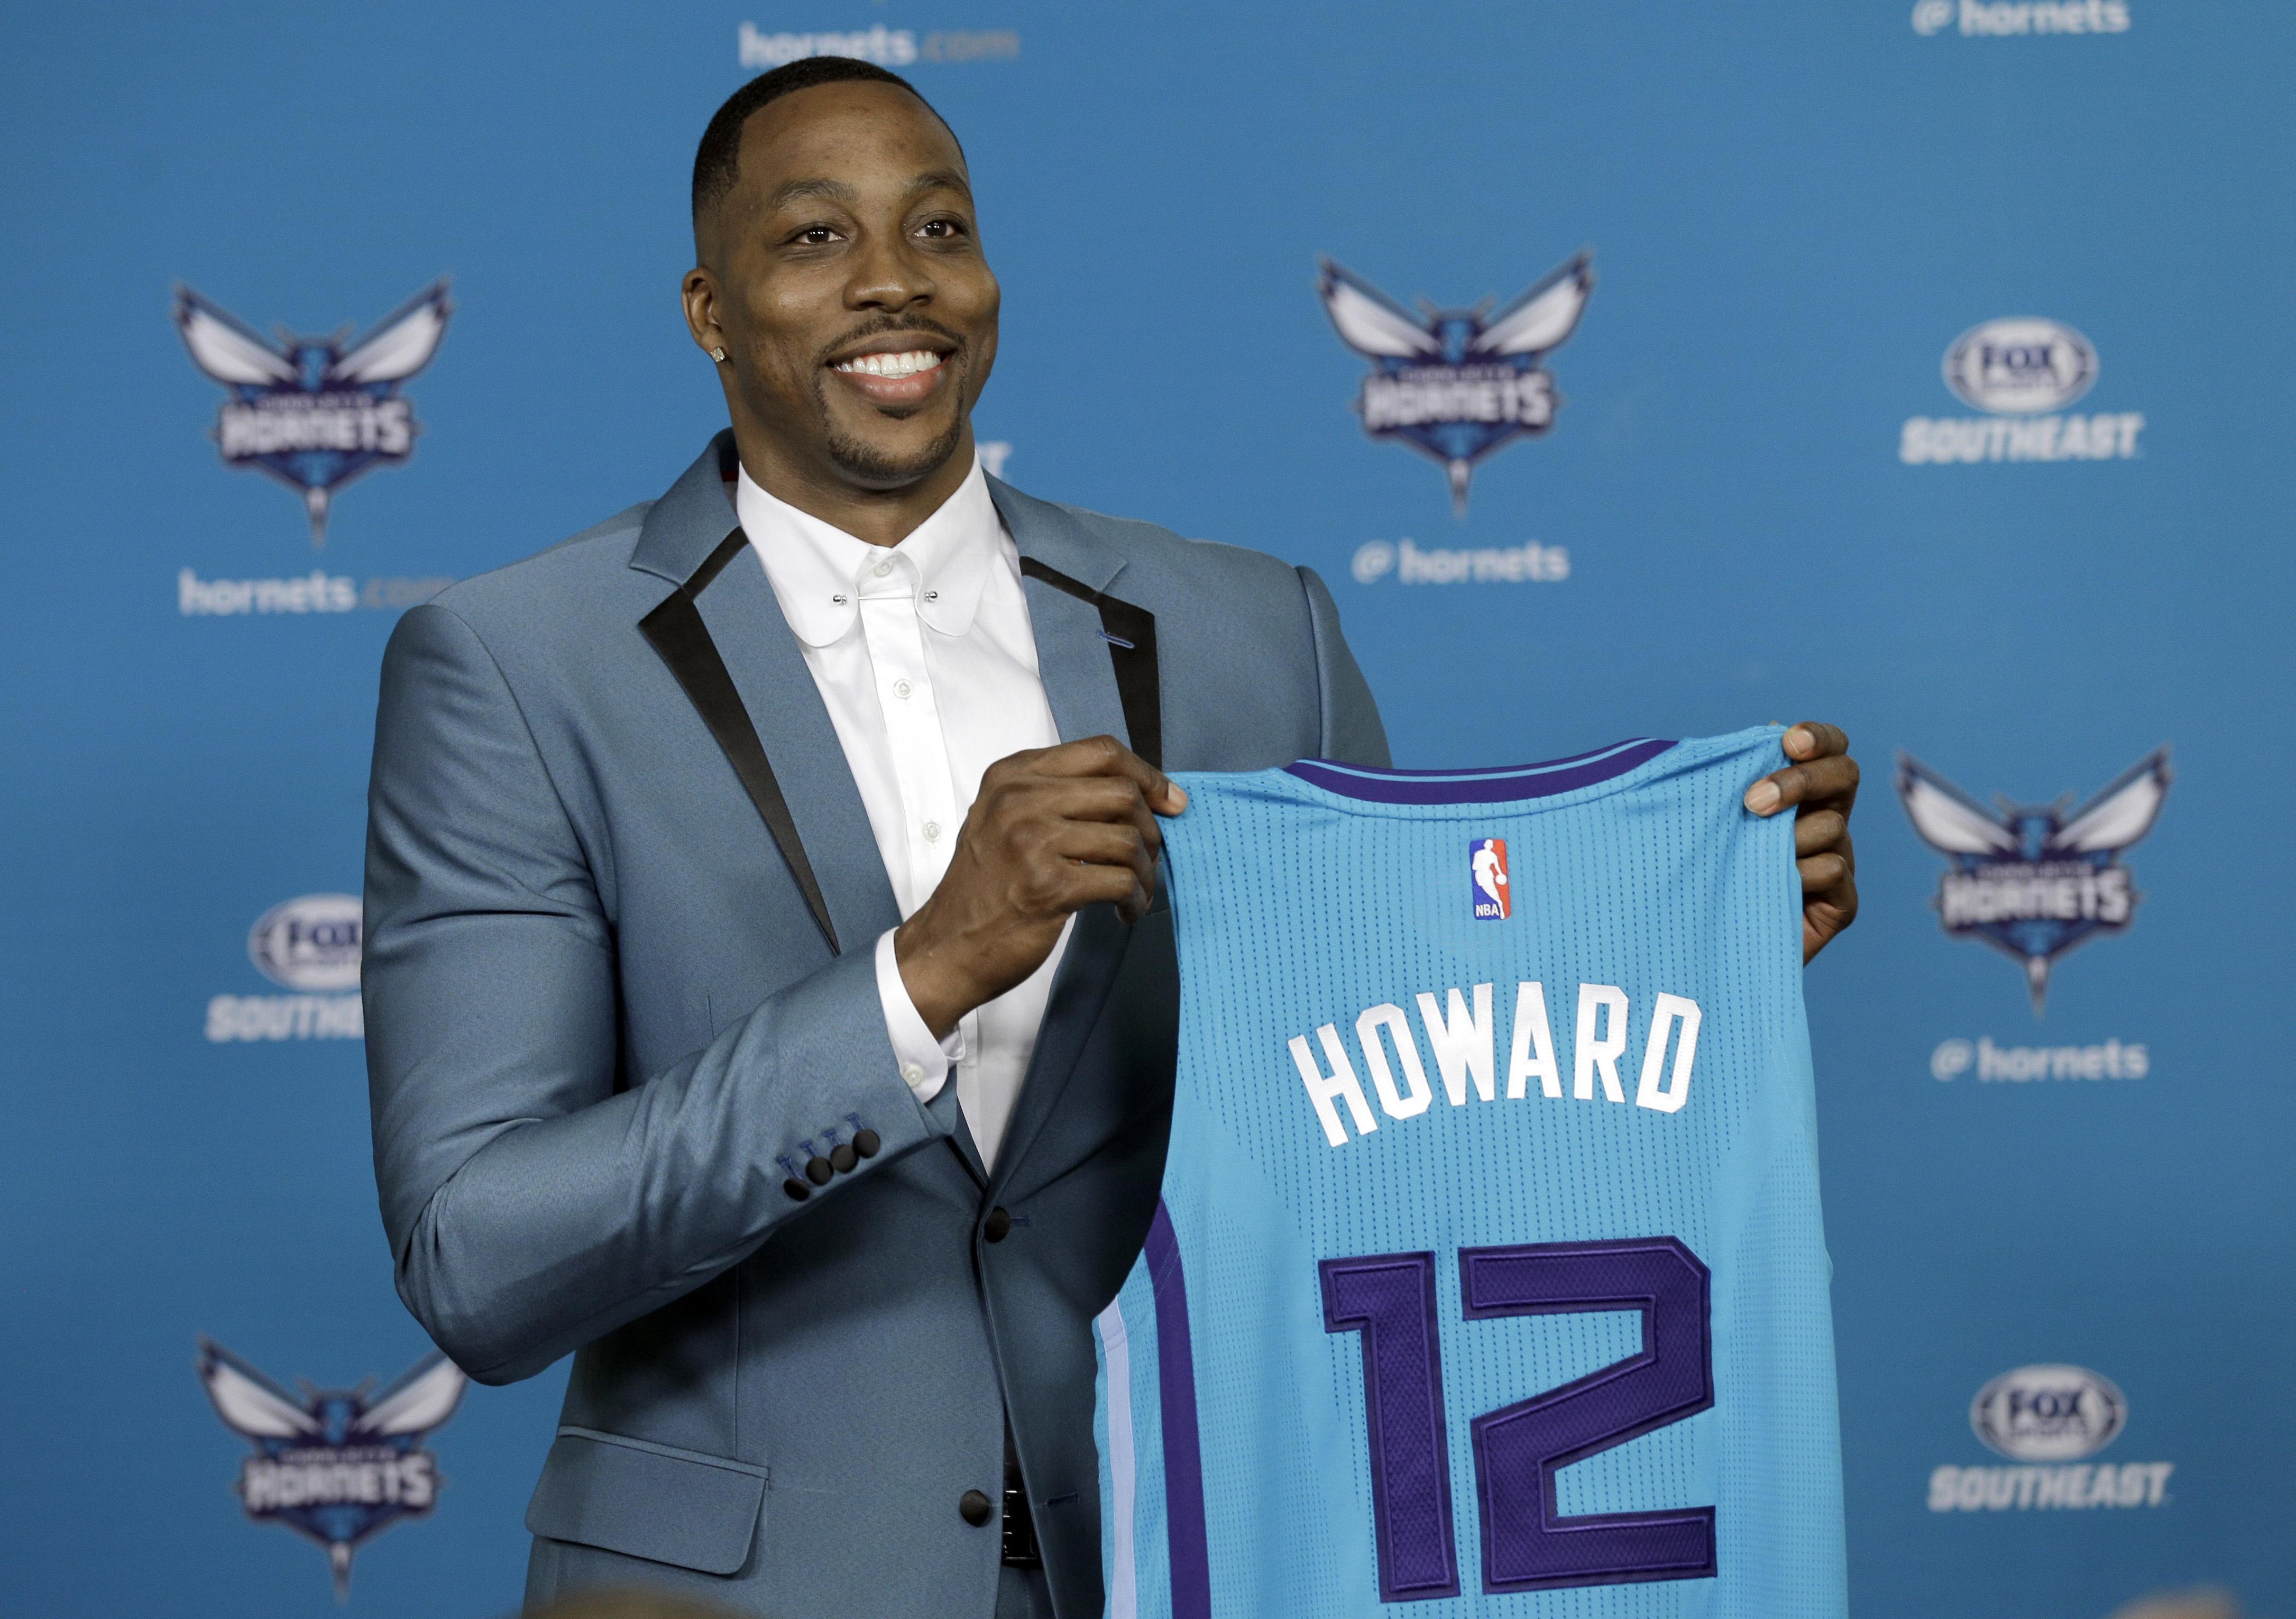 Hornets_howard_basketball_77917